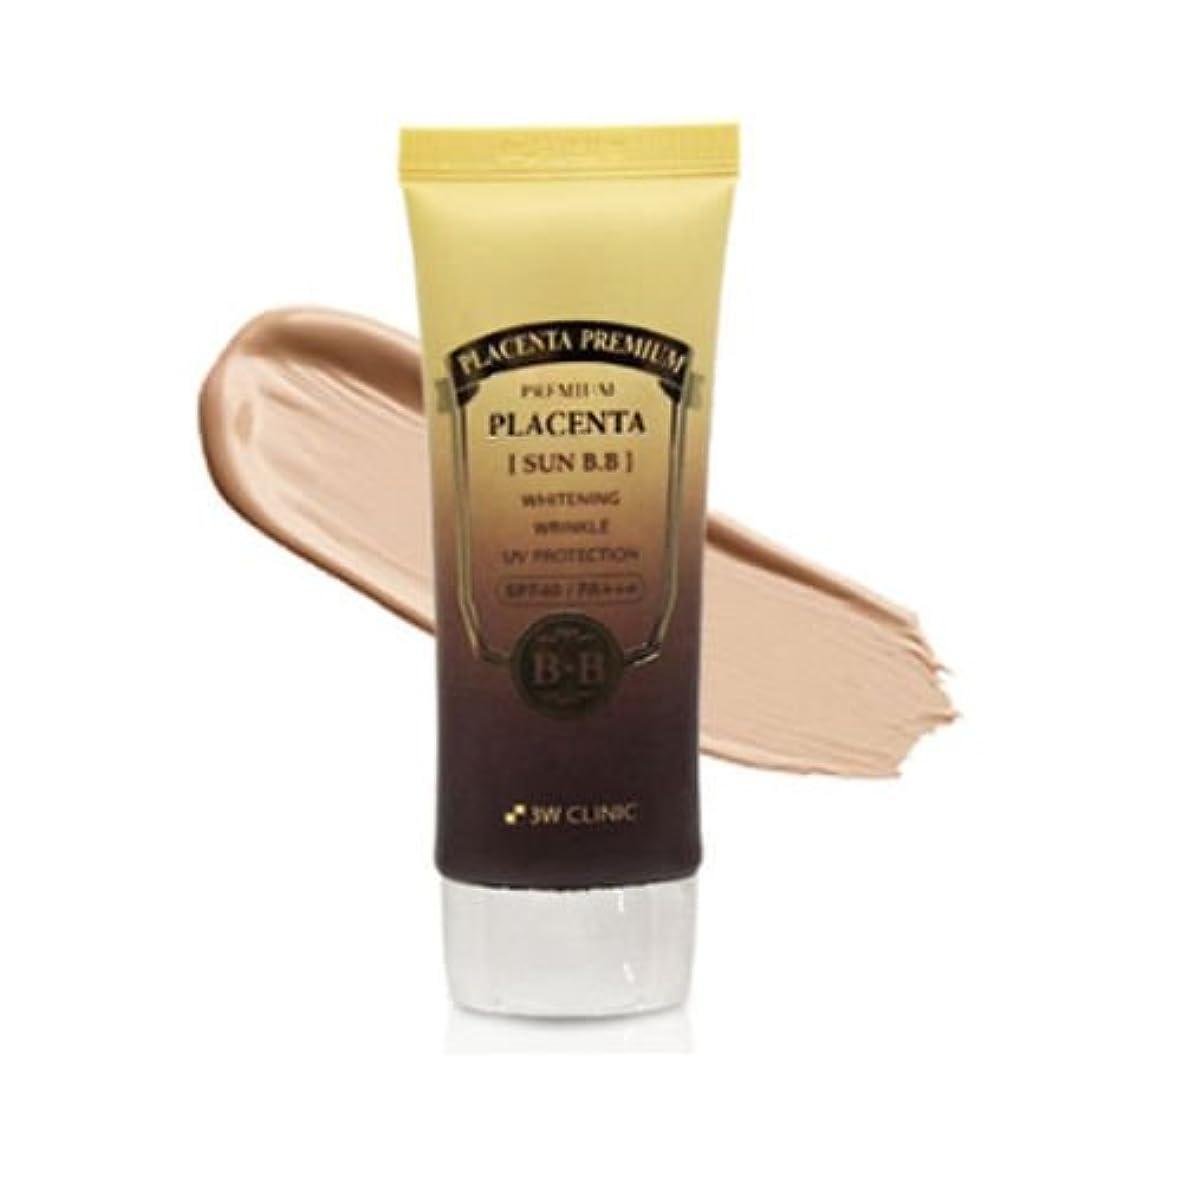 オゾン不完全な人3Wクリニック[韓国コスメ3w Clinic]Premium Placenta Sun BB Cream プレミアムプラセンタサンBBクリーム70ml SPF40 PA+++ UV しわ管理[並行輸入品]